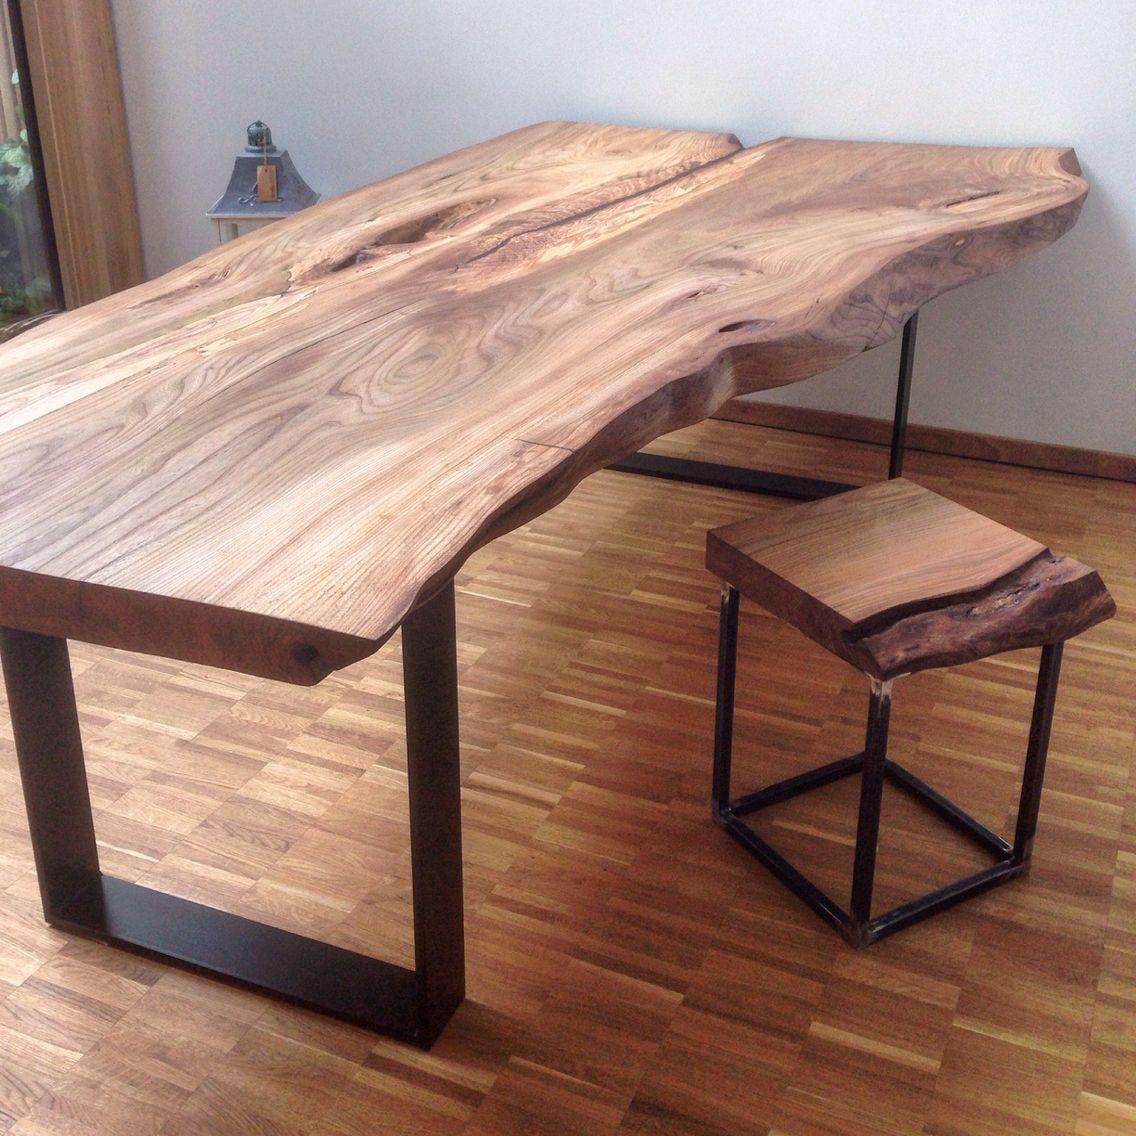 Massivholztisch Baumtisch Massivholzplatte Esstisch Holztisch Aus Ulmenholz Holztisch Massivholztisch Esstisch Holz